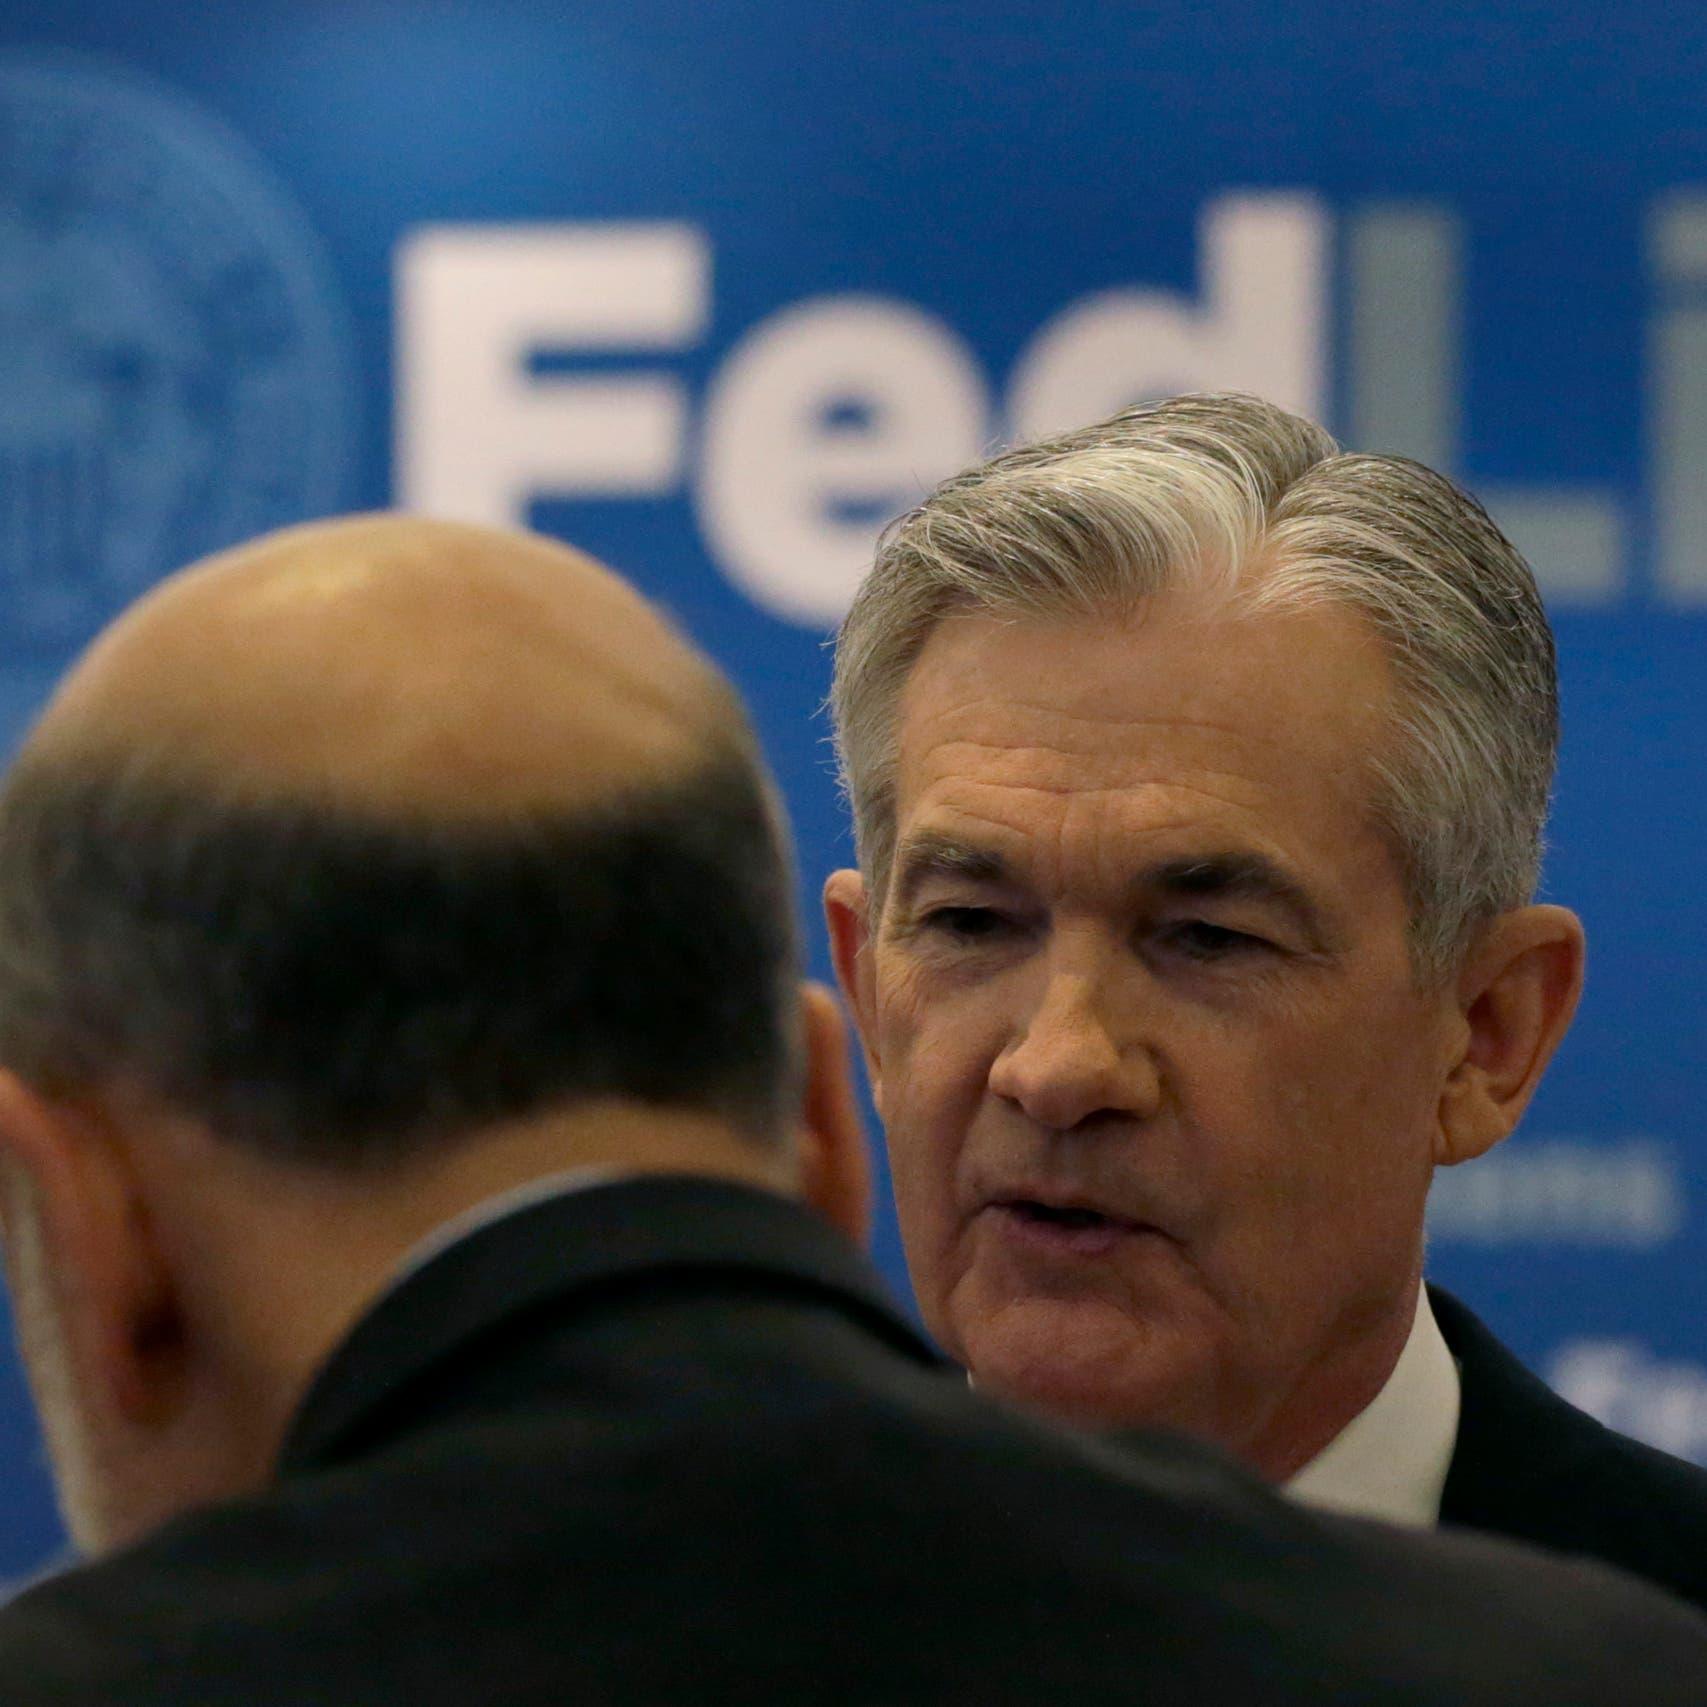 لماذا يجذب المؤتمر السنوي للفيدرالي أنظار المستثمرين حول العالم؟